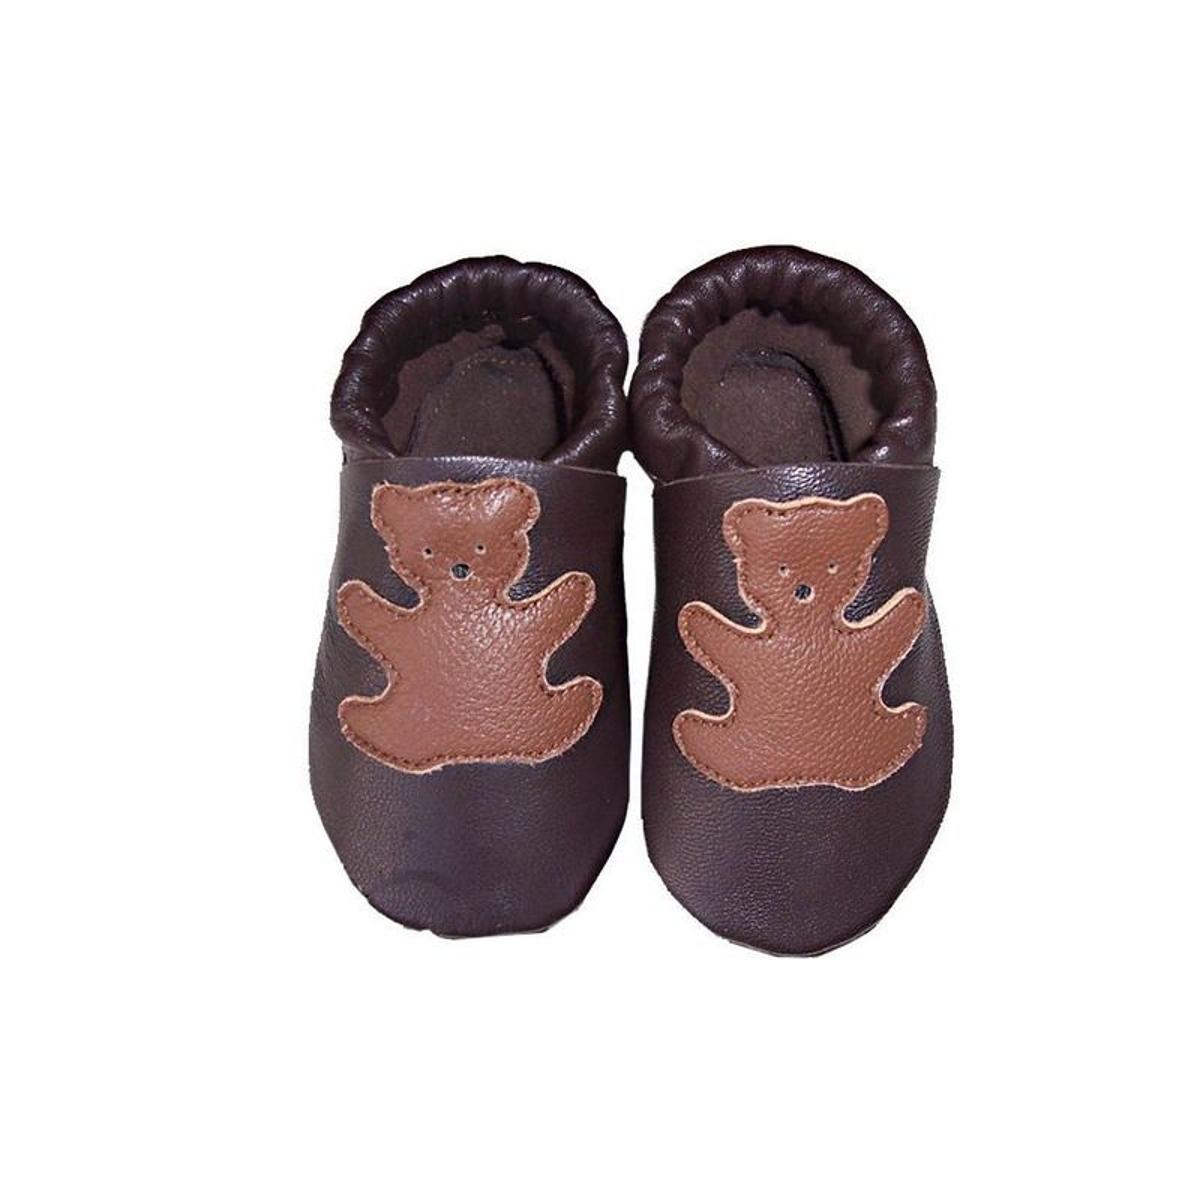 Chaussons bébé cuir marron